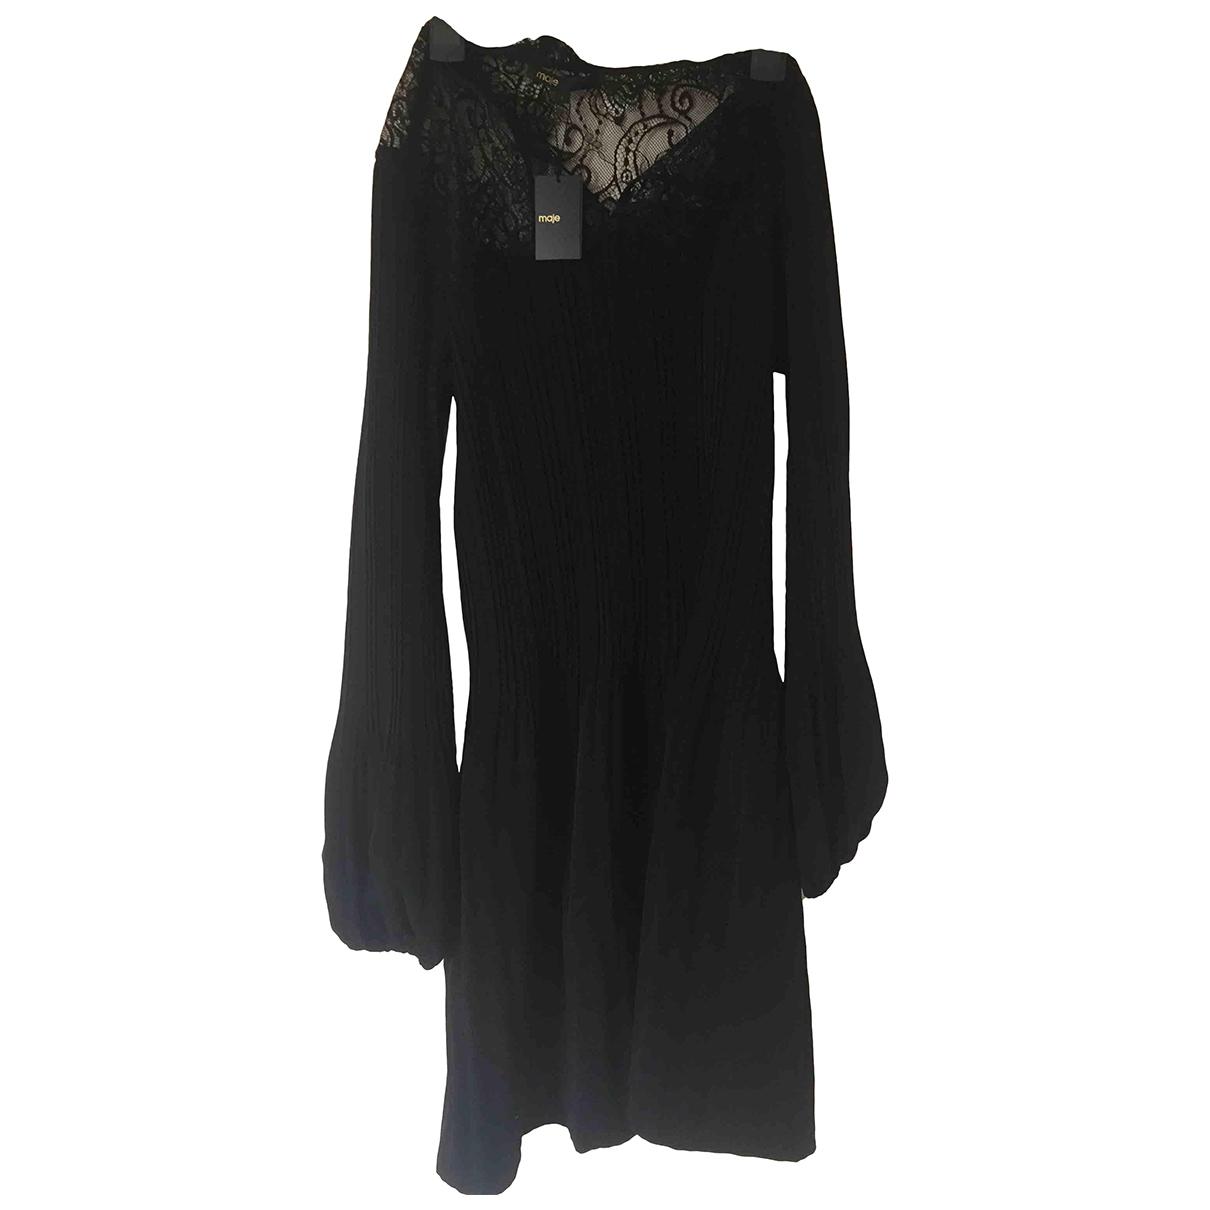 Maje Spring Summer 2020 Kleid in  Schwarz Polyester